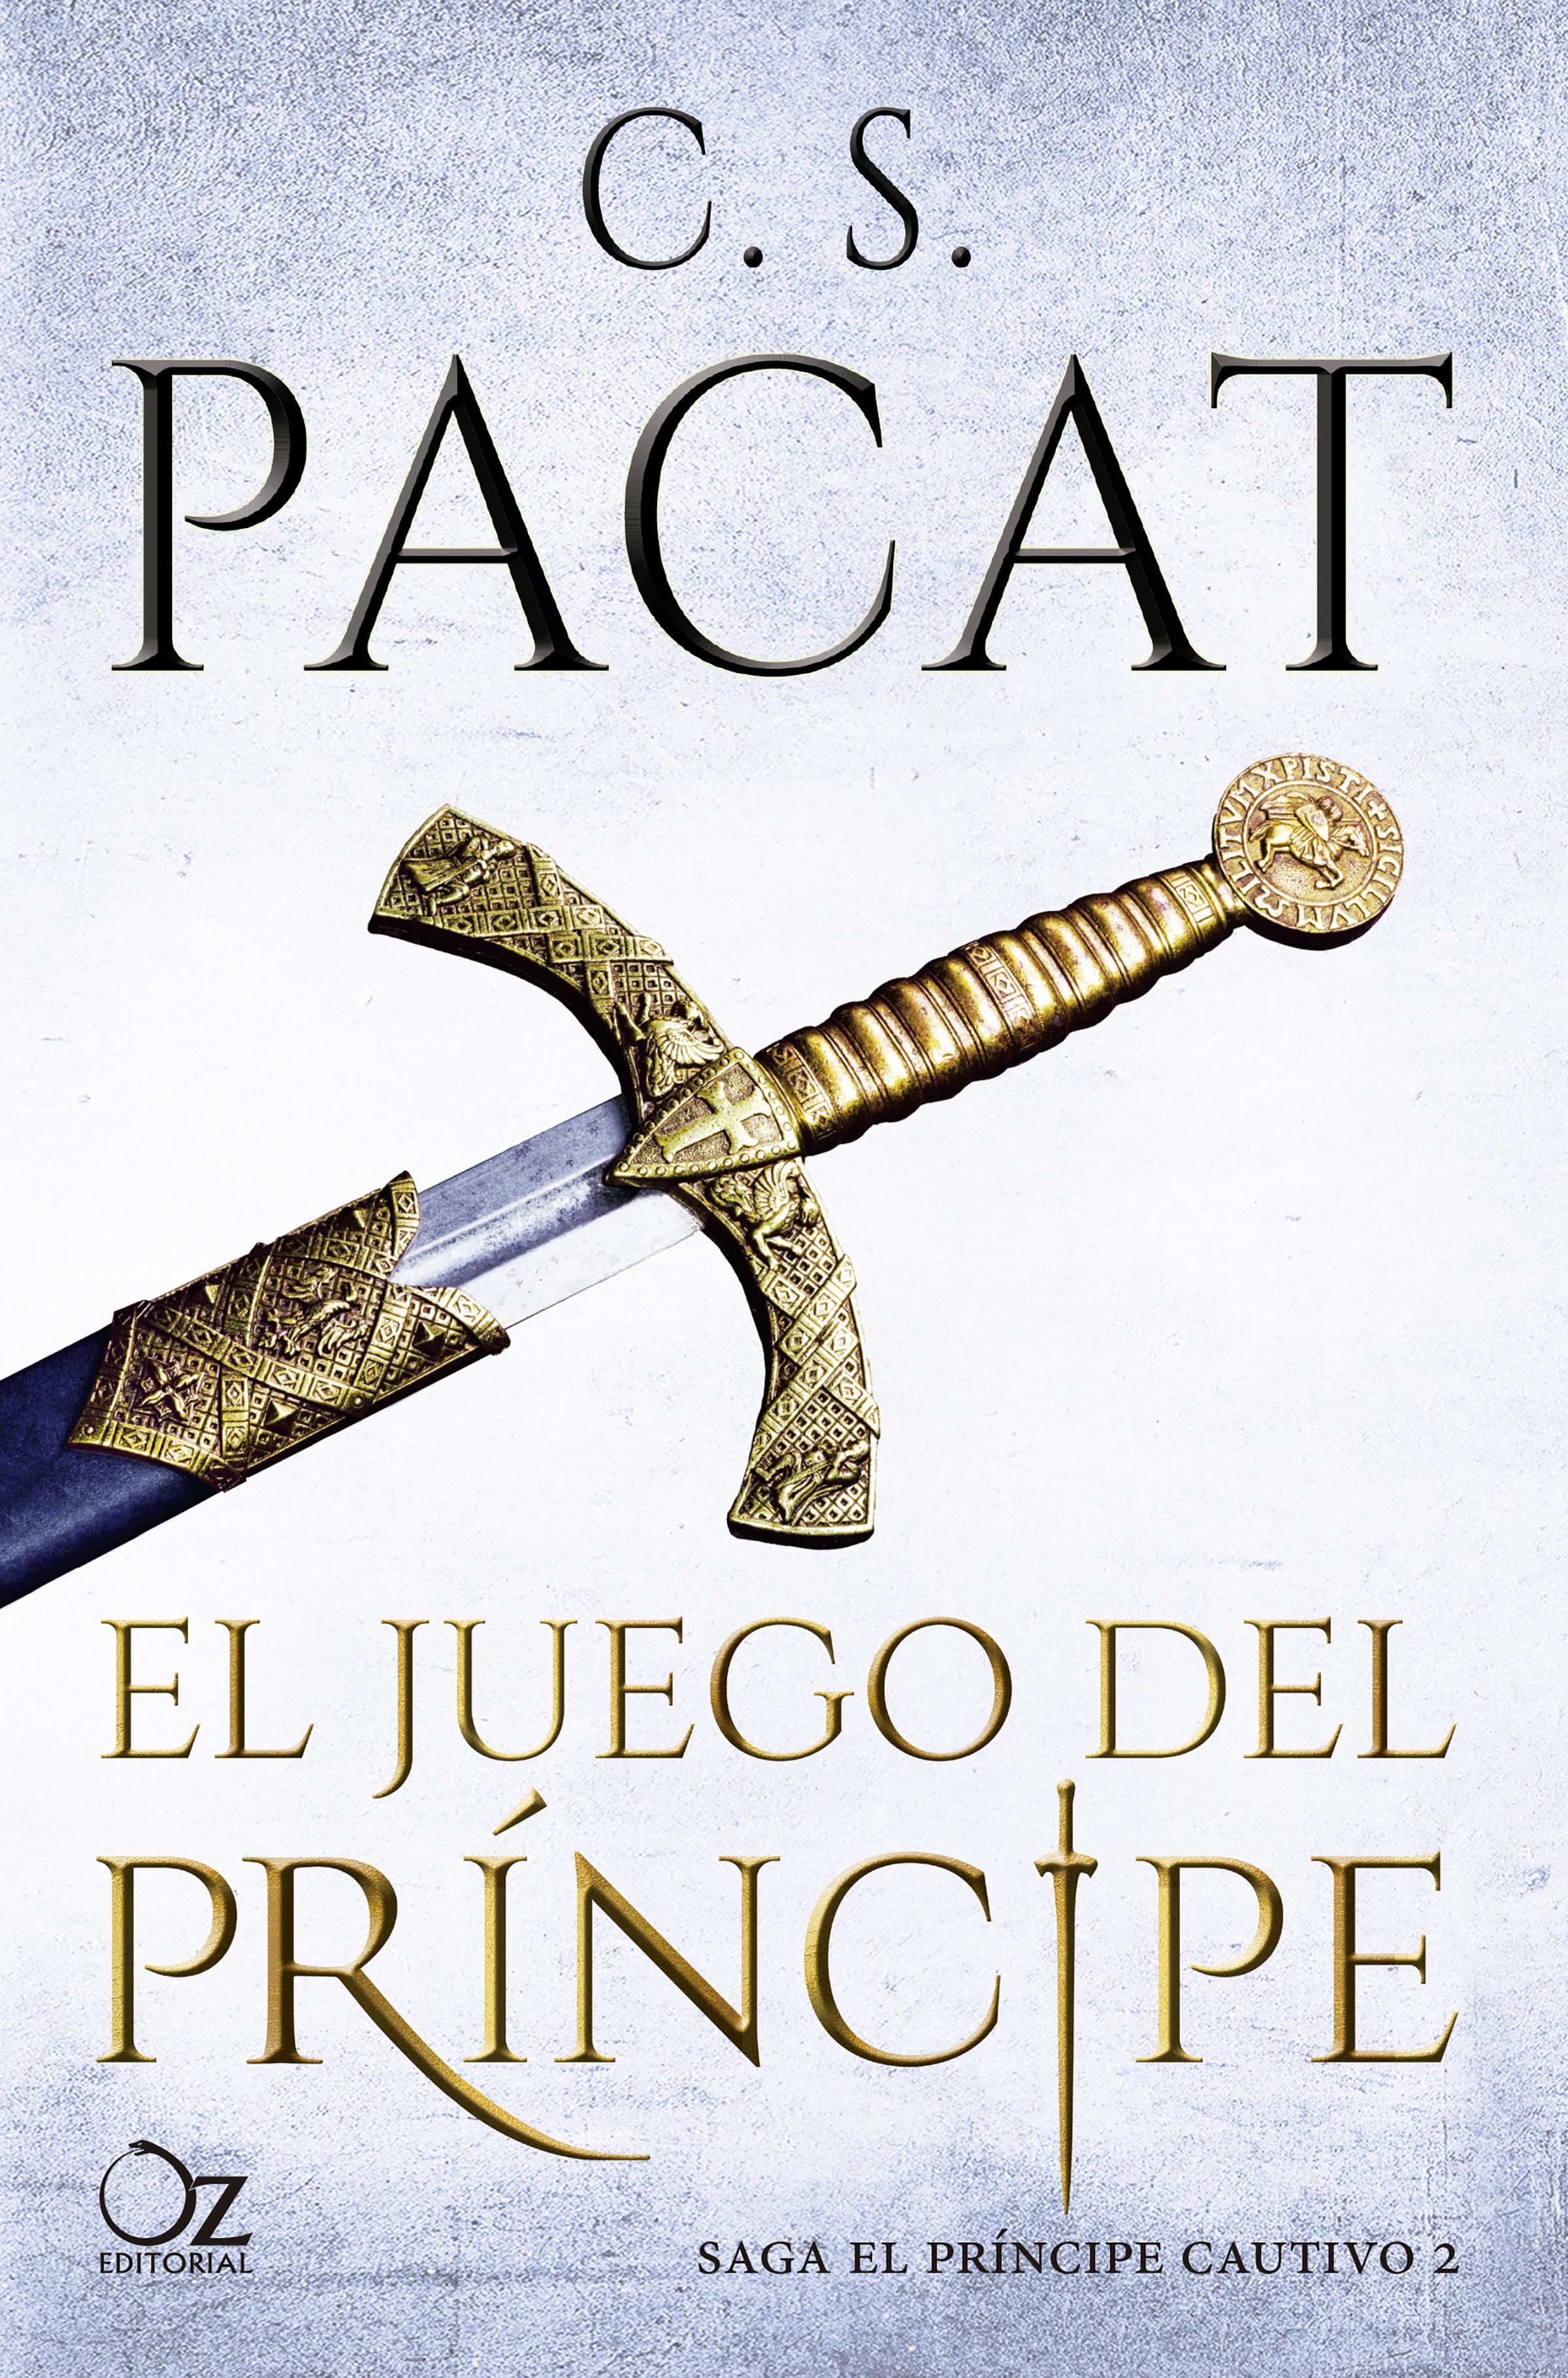 Resultado de imagen de juego del principe cs pacat